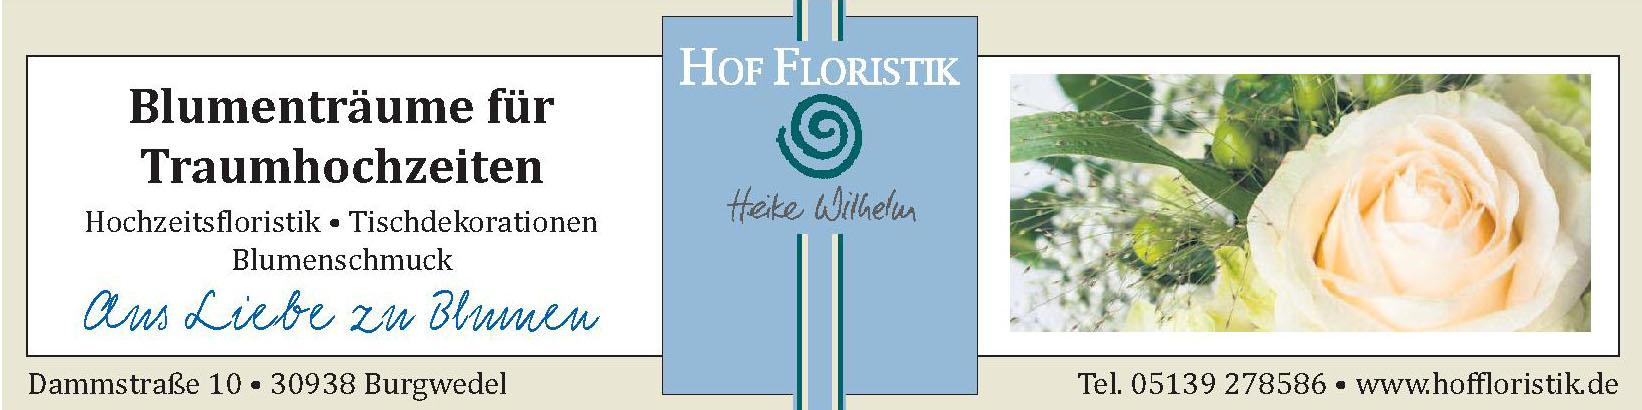 Hof-Floristik